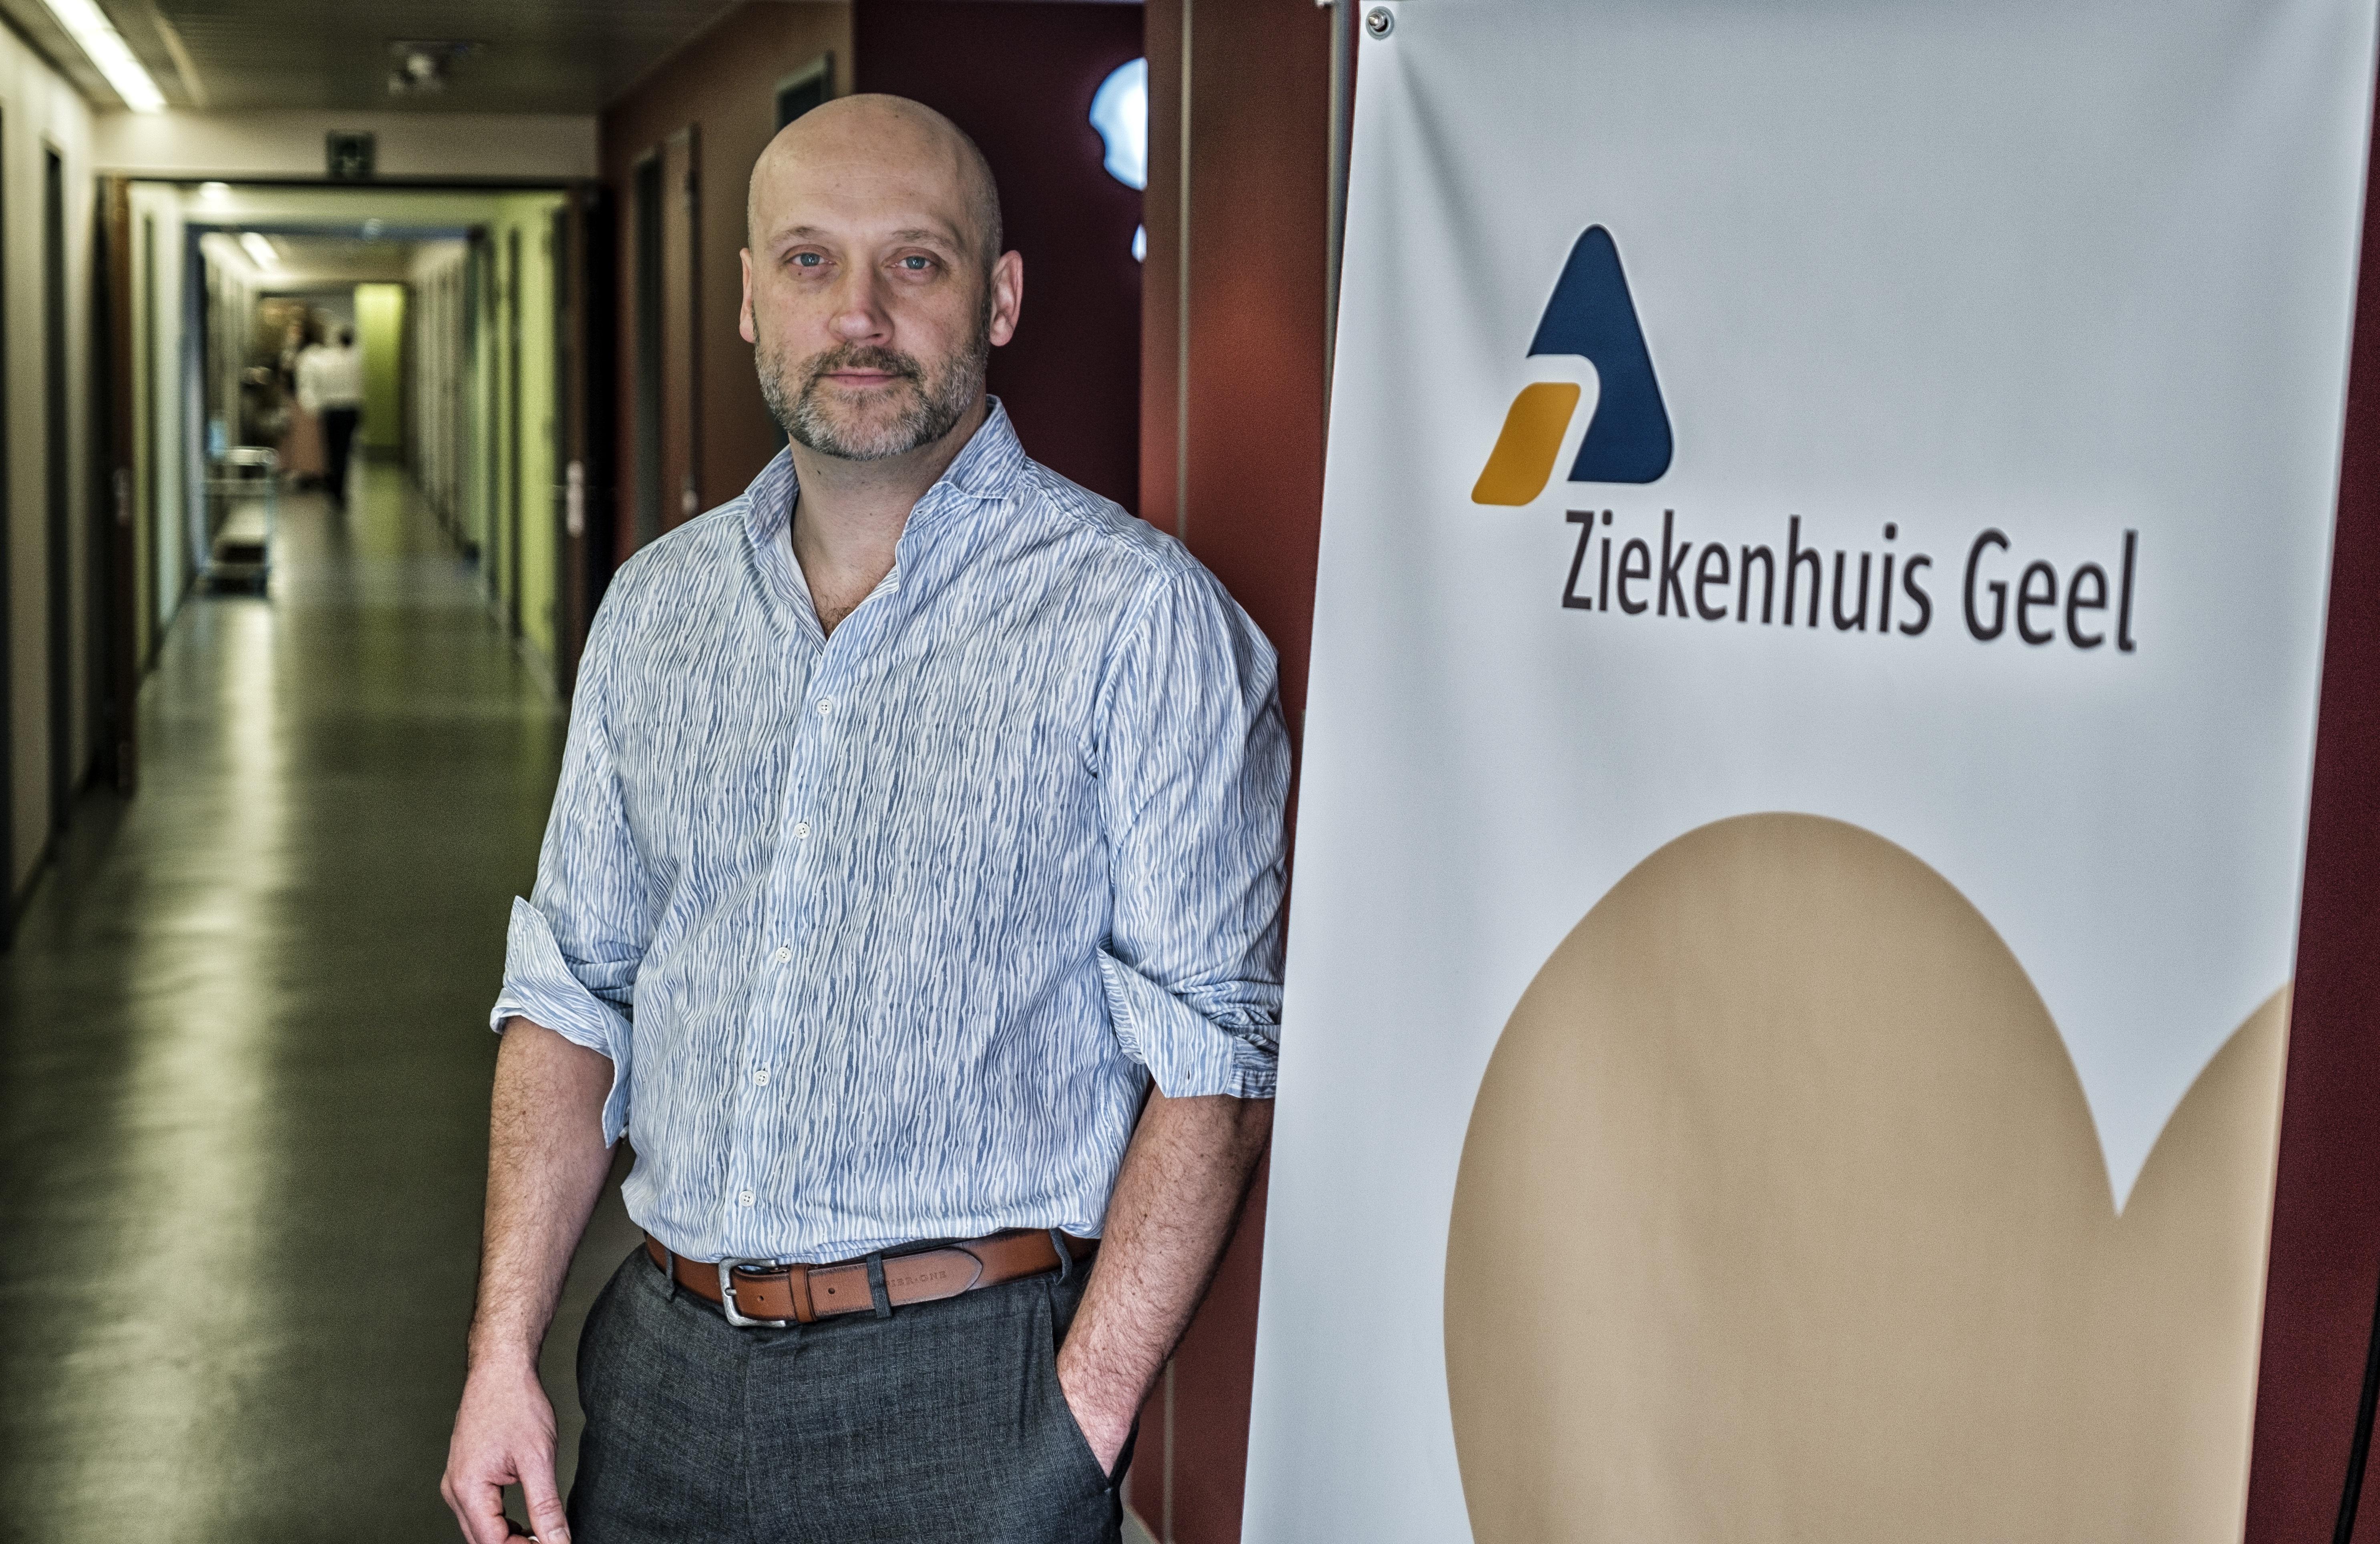 Jan Flament, CEO of Geel Hospital (Belgium)